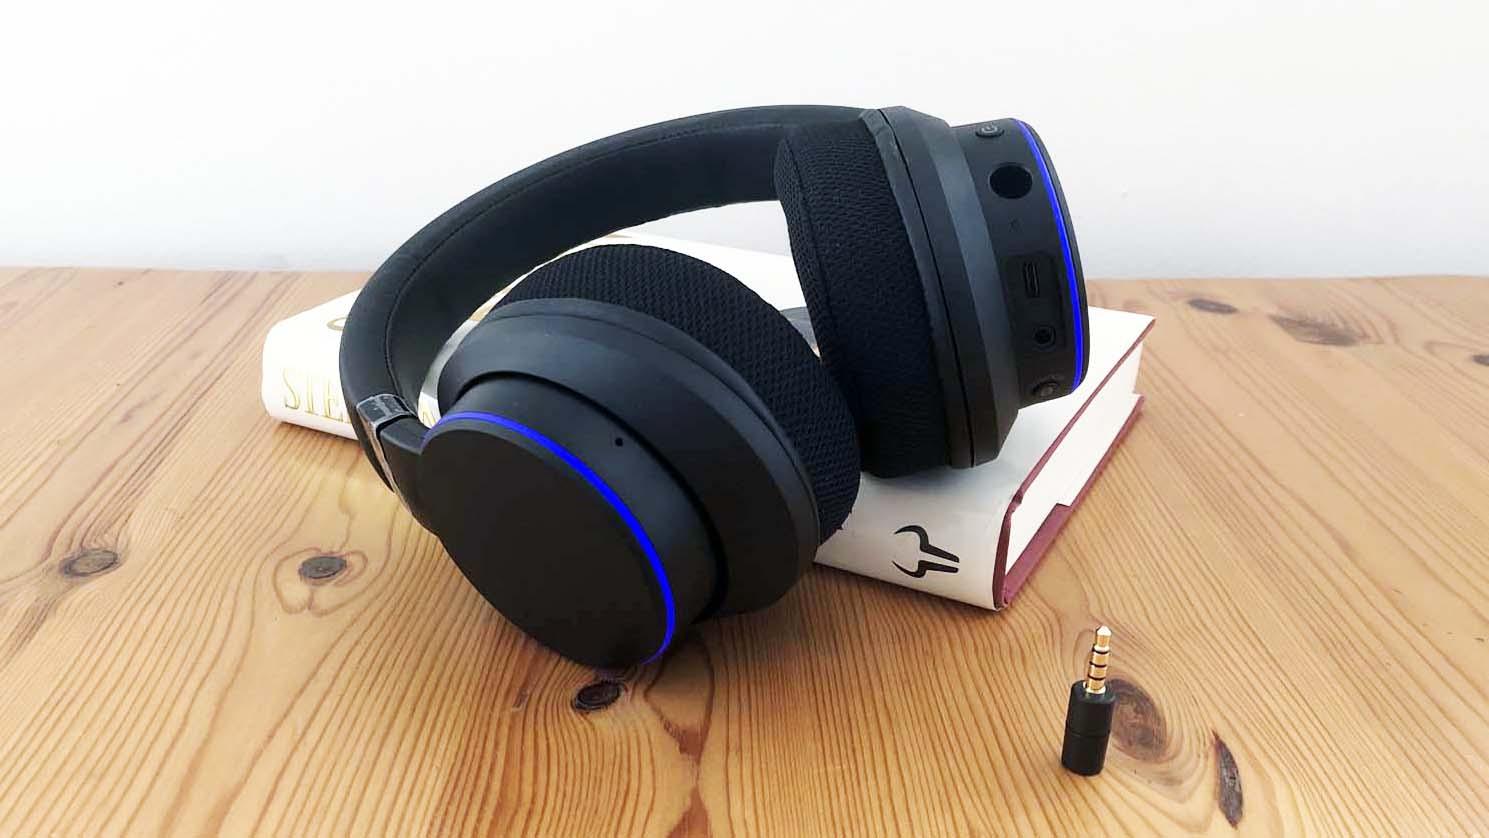 A photo of the Creative SXFI Air headphones